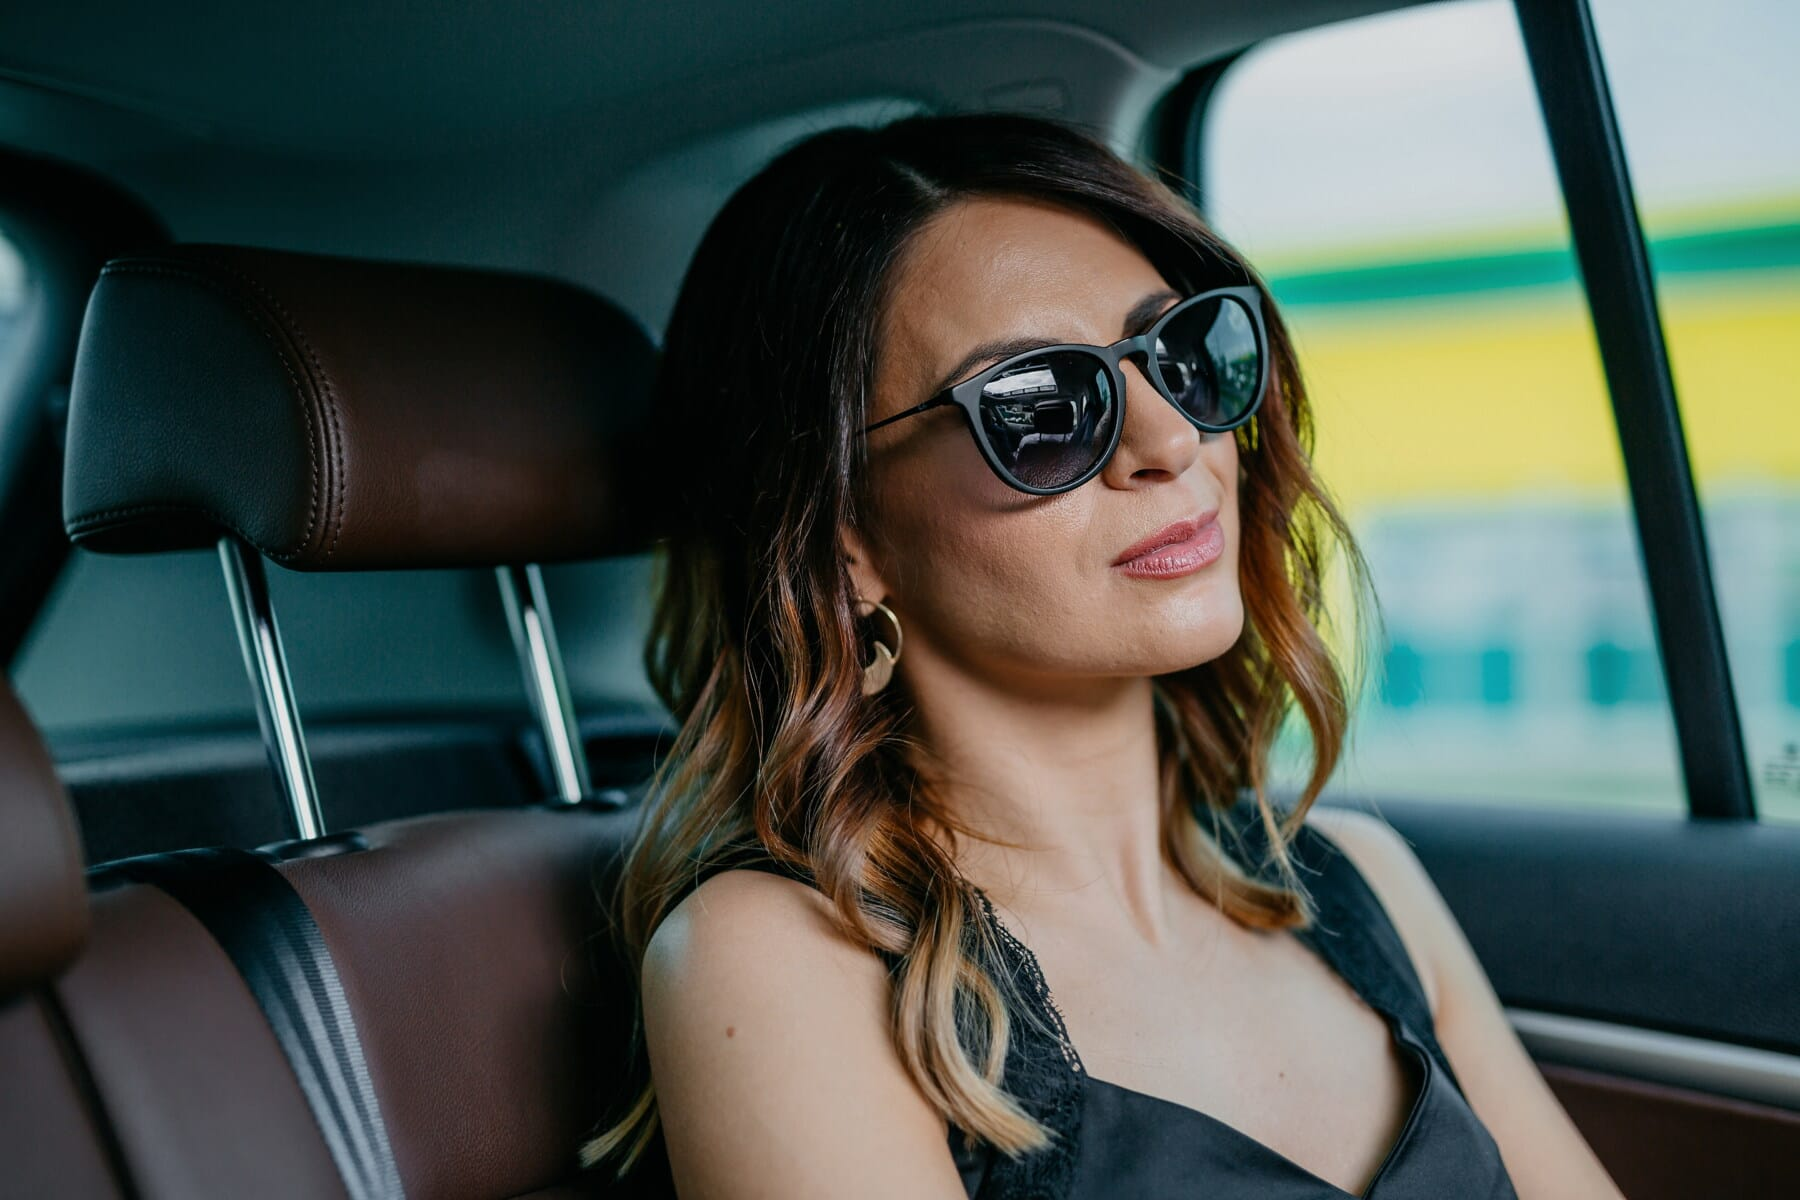 ผู้โดยสาร, หญิงสาว, ท่องเที่ยว, นักท่องเที่ยว, รถยนต์นั่ง, เข็มขัดนิรภัย, แฟชั่น, แว่นตากันแดด, ผู้หญิง, สาว